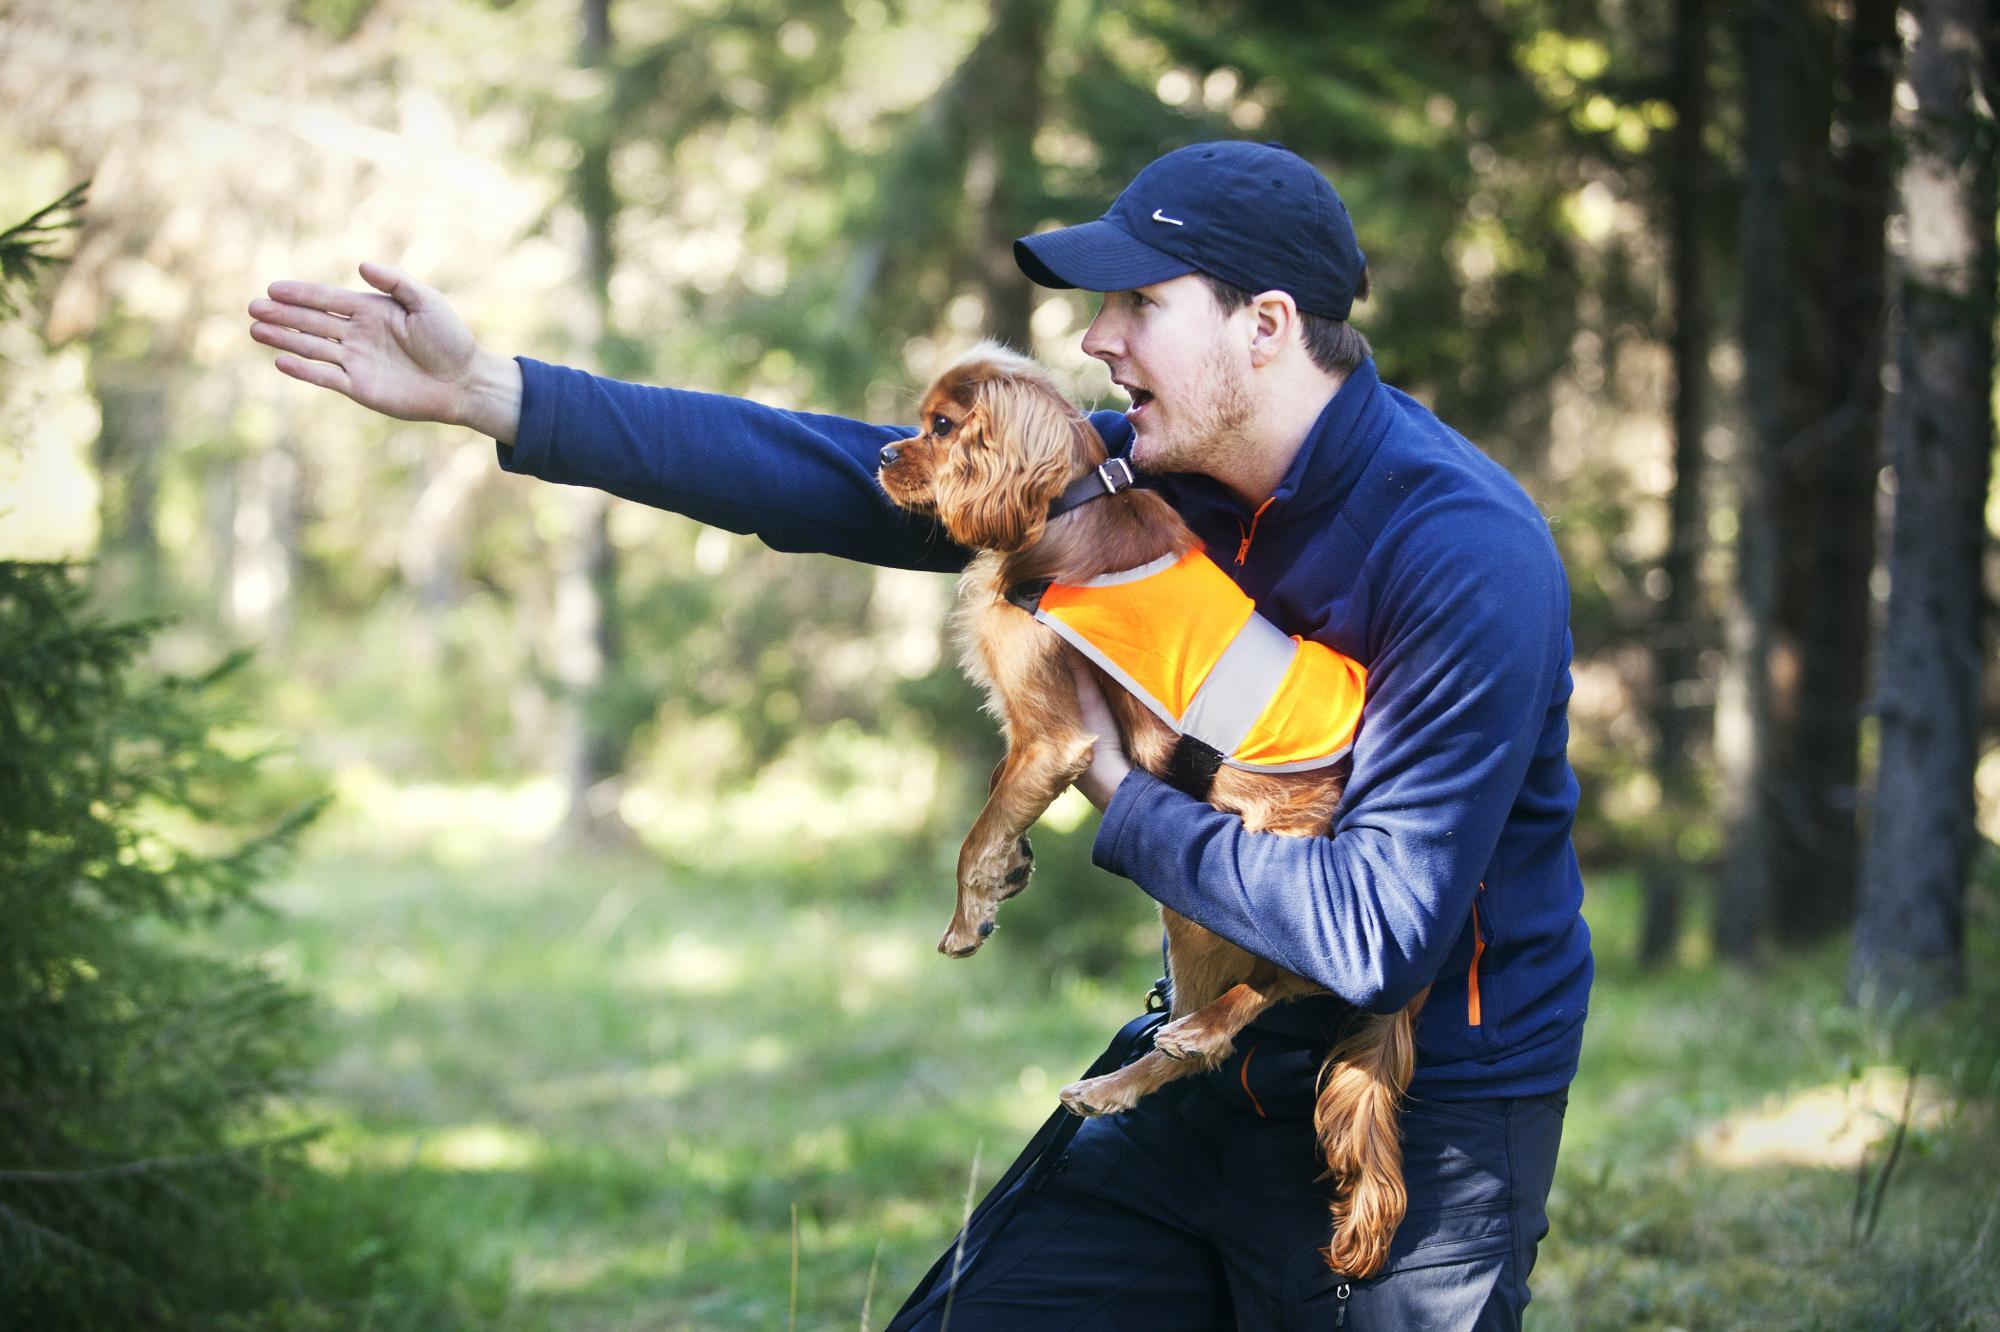 Svenska Hundklubben arrangerar ett läger för sina medlemmar och HE berättade om detta och SHK i ett långt reportage.<br />Klicka på bilden för att komma till reportaget.